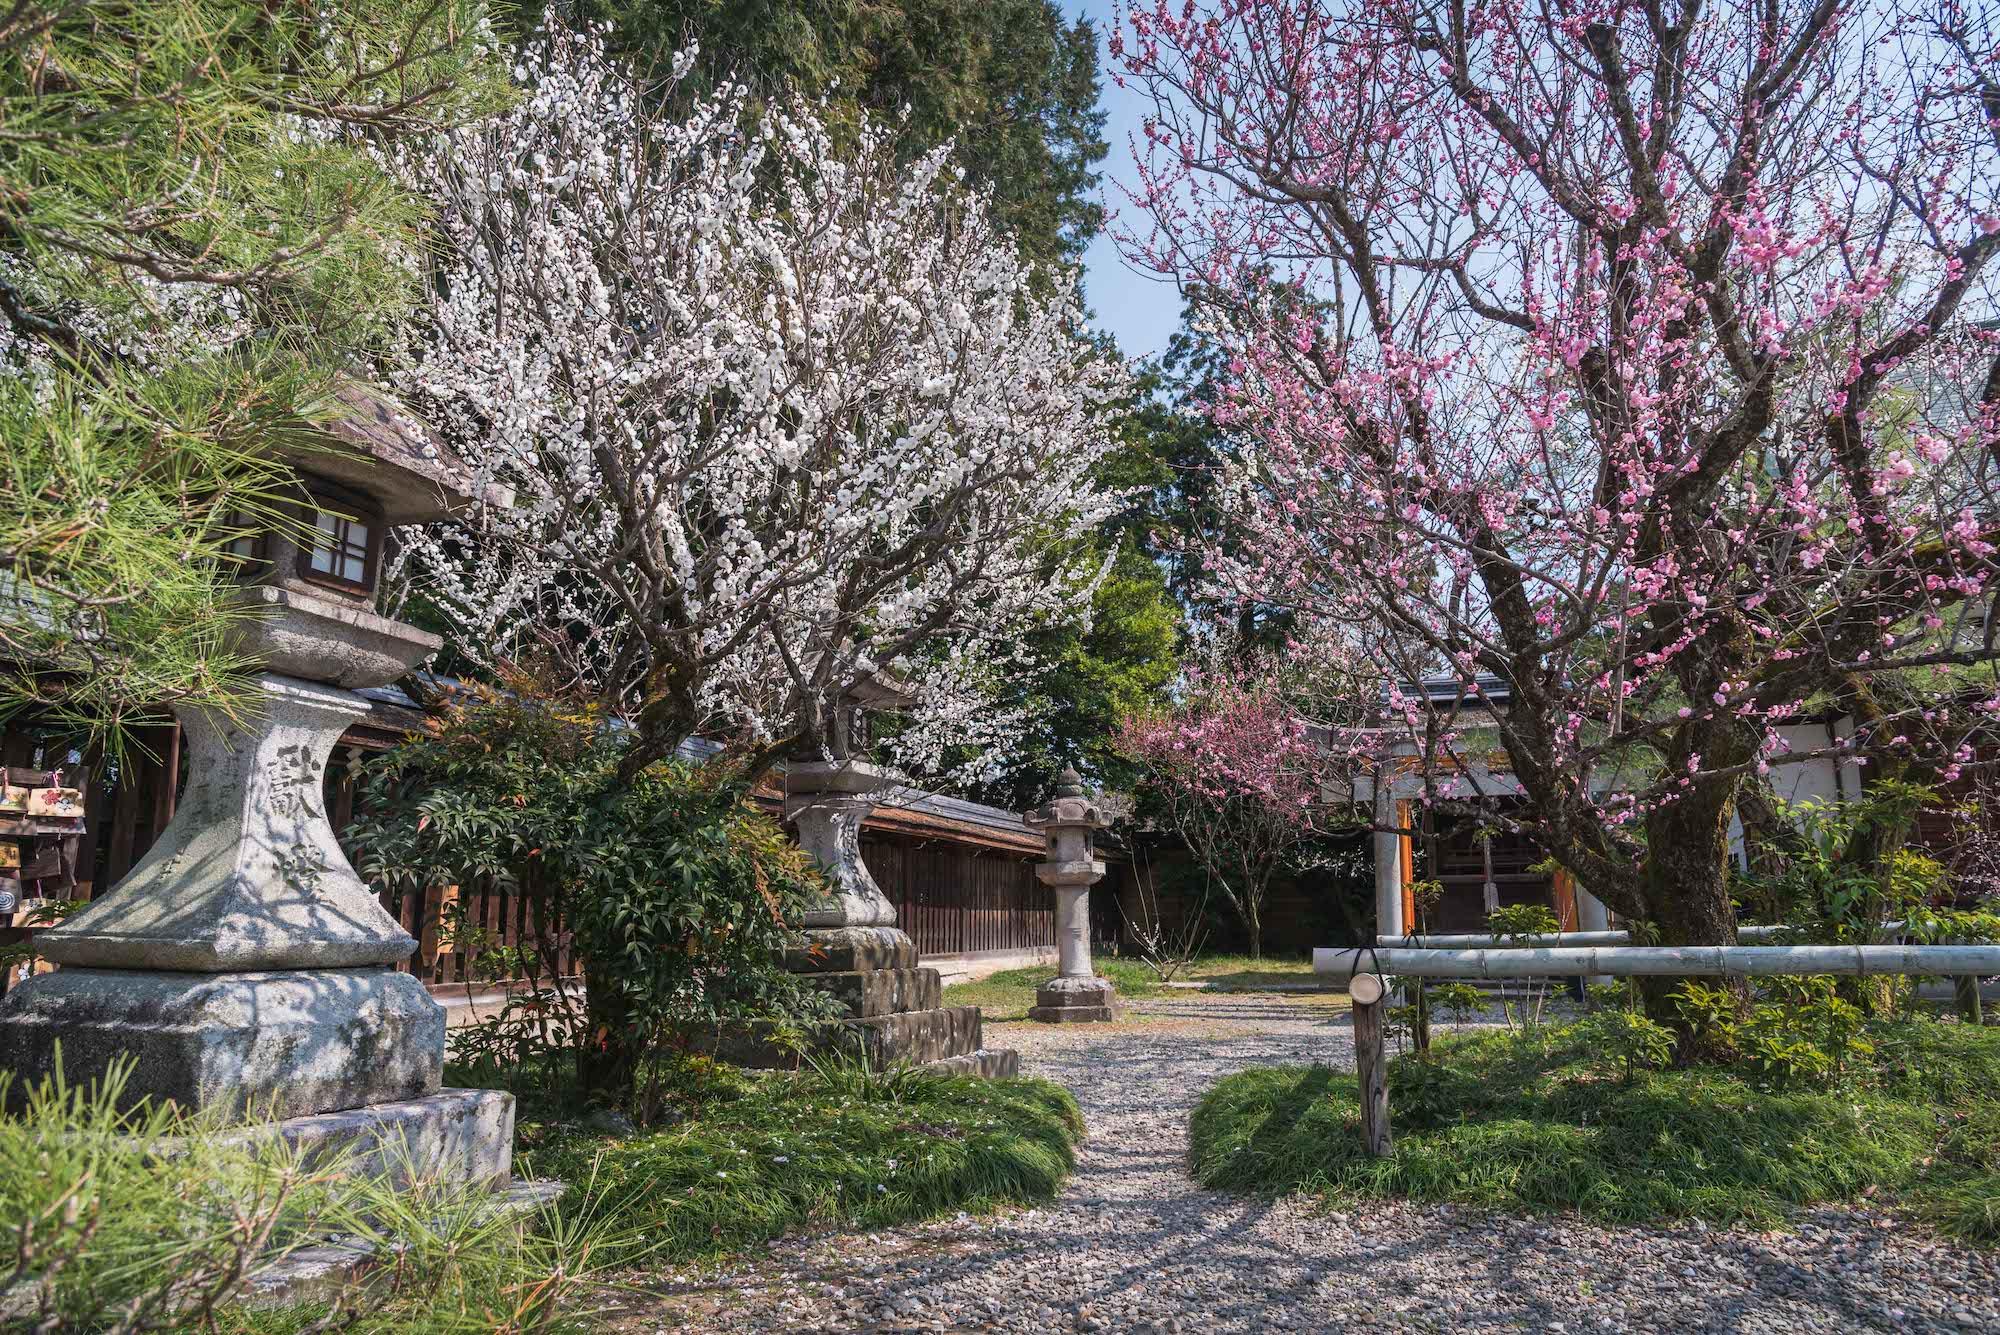 DSC_2189 京都 梅宮大社(境内に咲く35種500本の梅と猫神社で人気の写真スポット。 アクセス情報や交通手段・駐車場情報などまとめ)